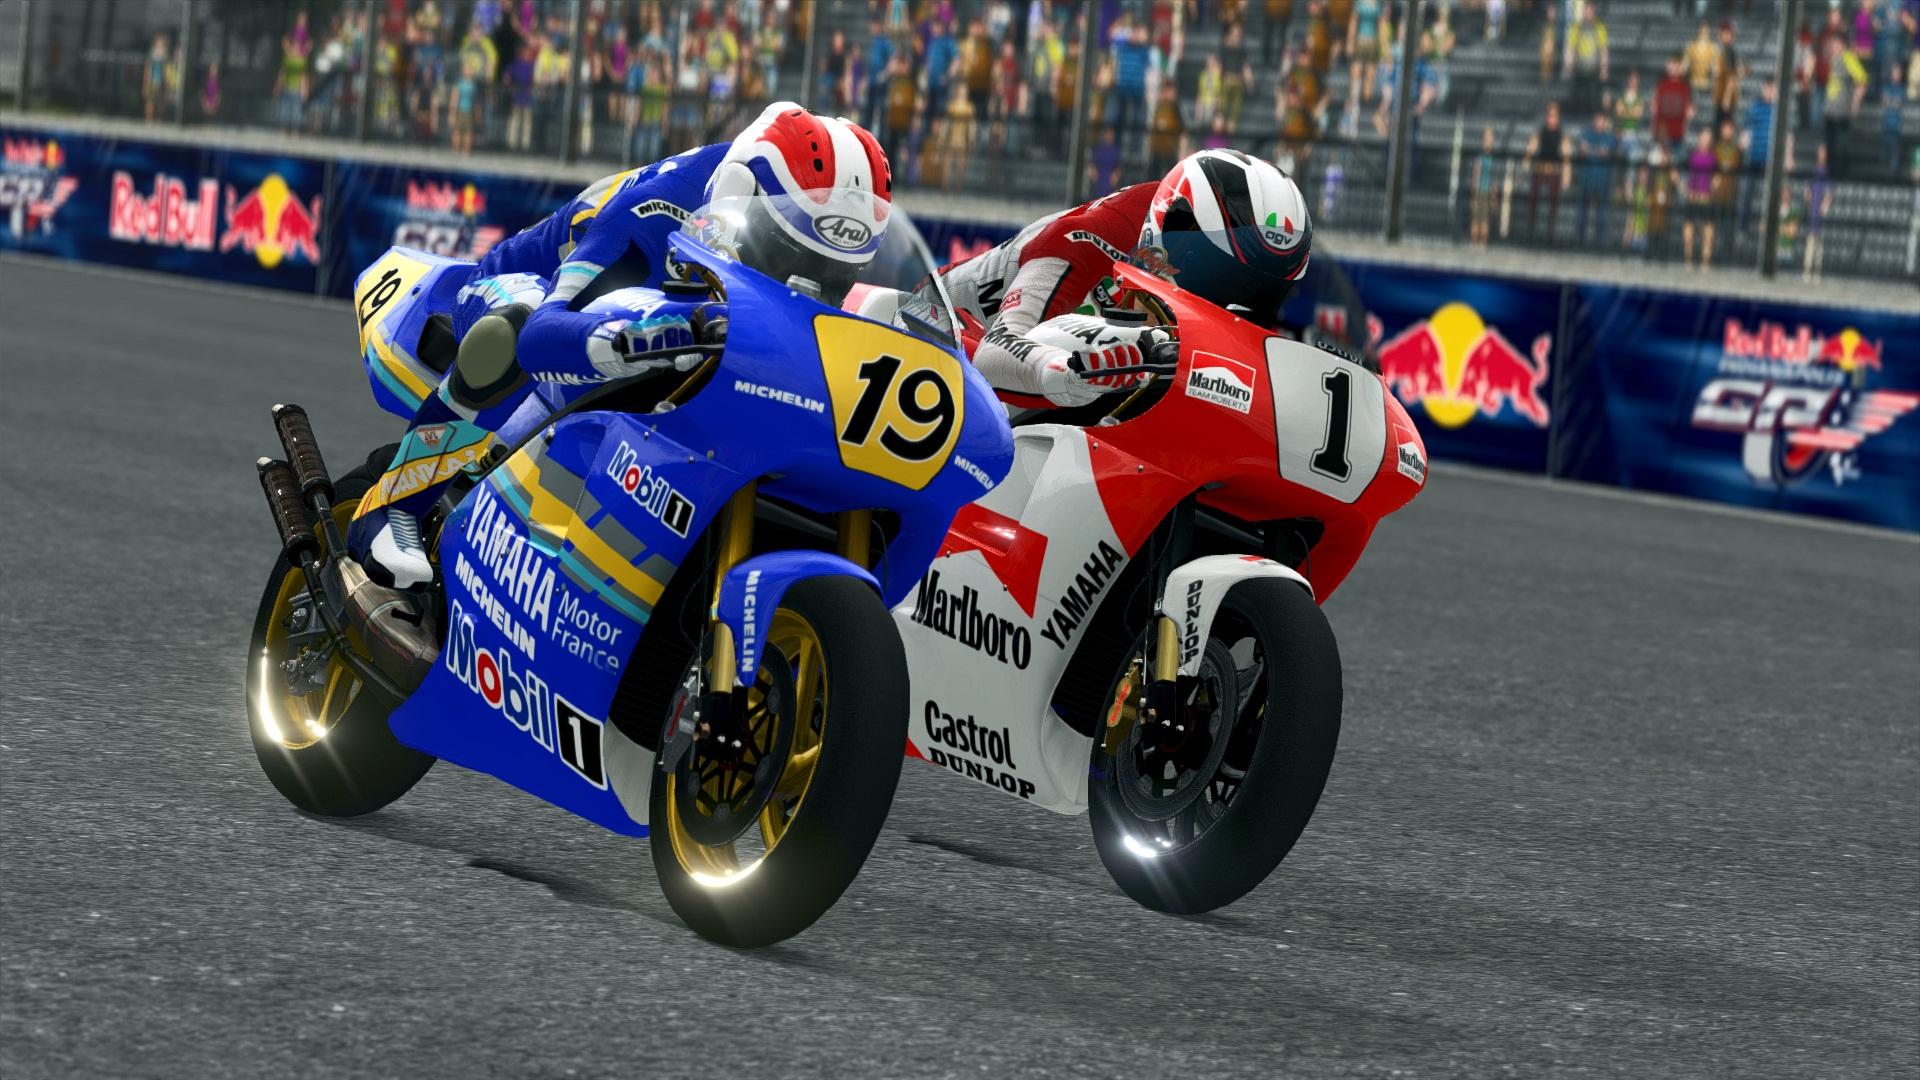 MotoGP14X64.exe_DX11_20140727_100432.jpg